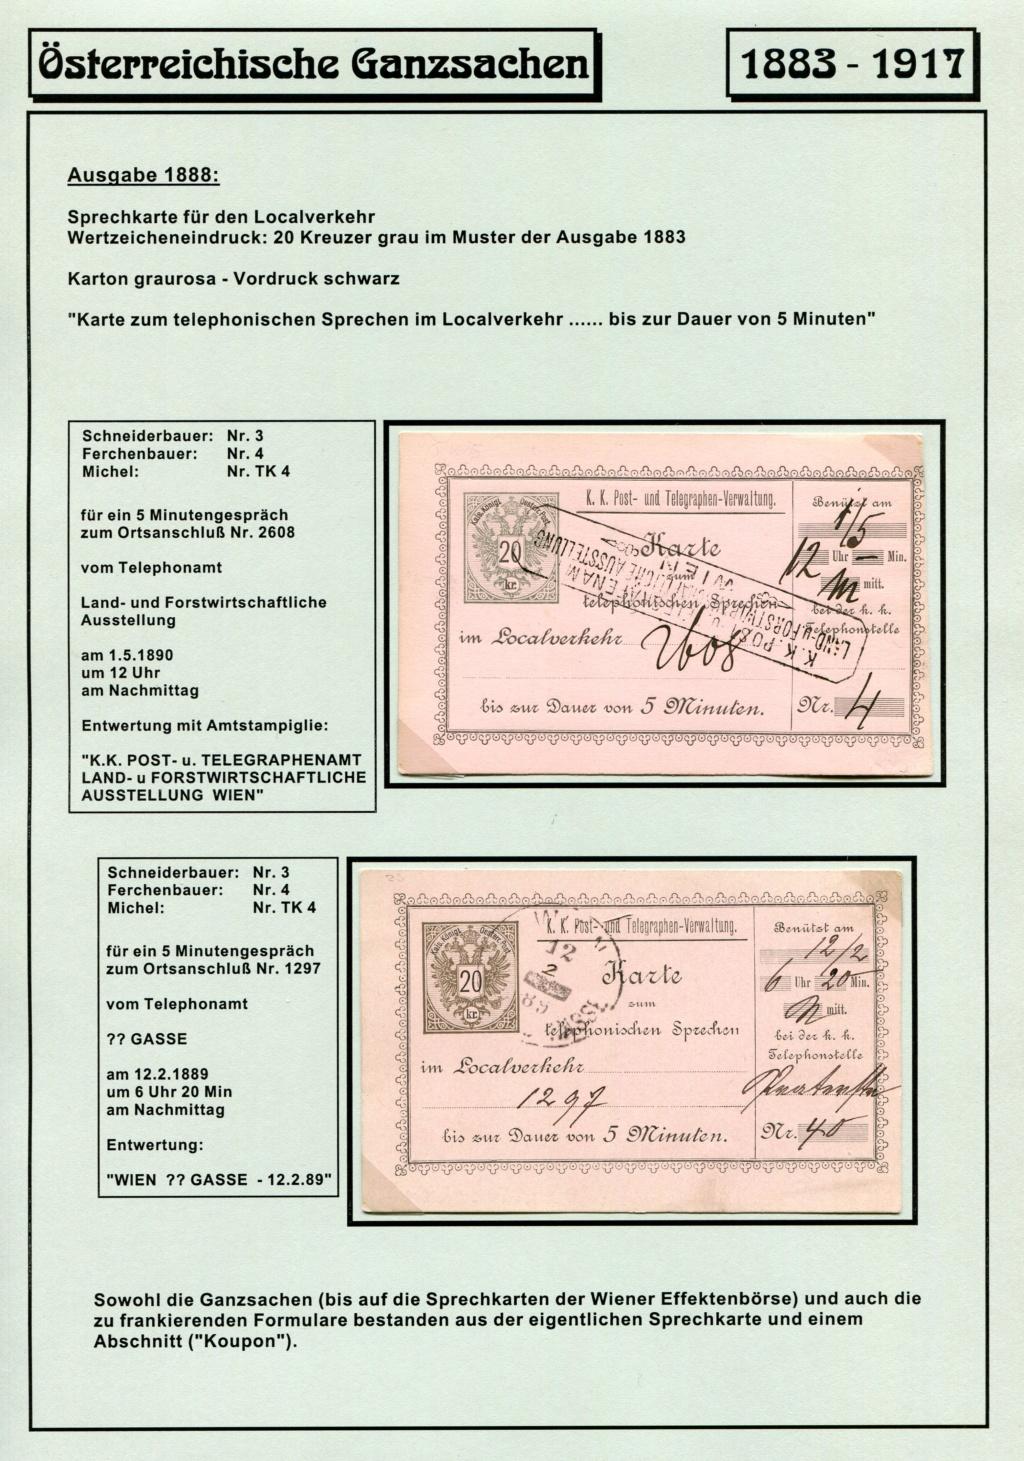 Österreichische Telephon-Sprechkarten - 1883 - 1917 Tel_ka21